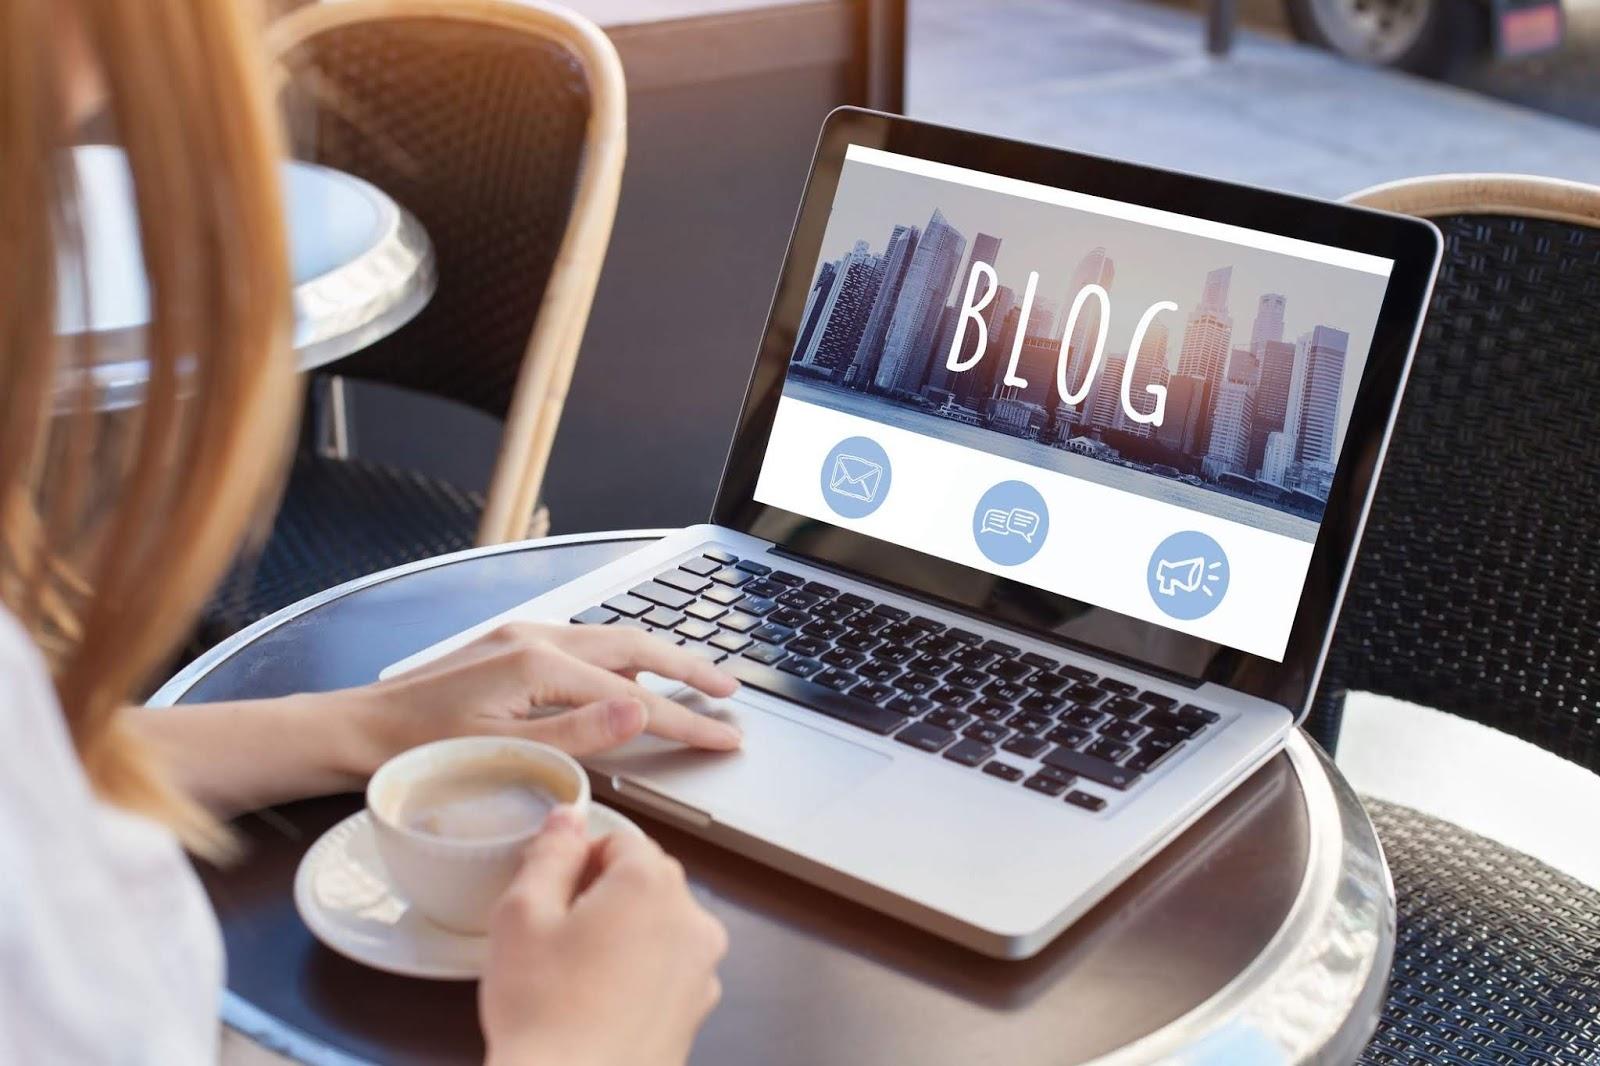 Jadilah Blogger Unik yang Tidak Seorangpun Bisa Menjadi Kamu